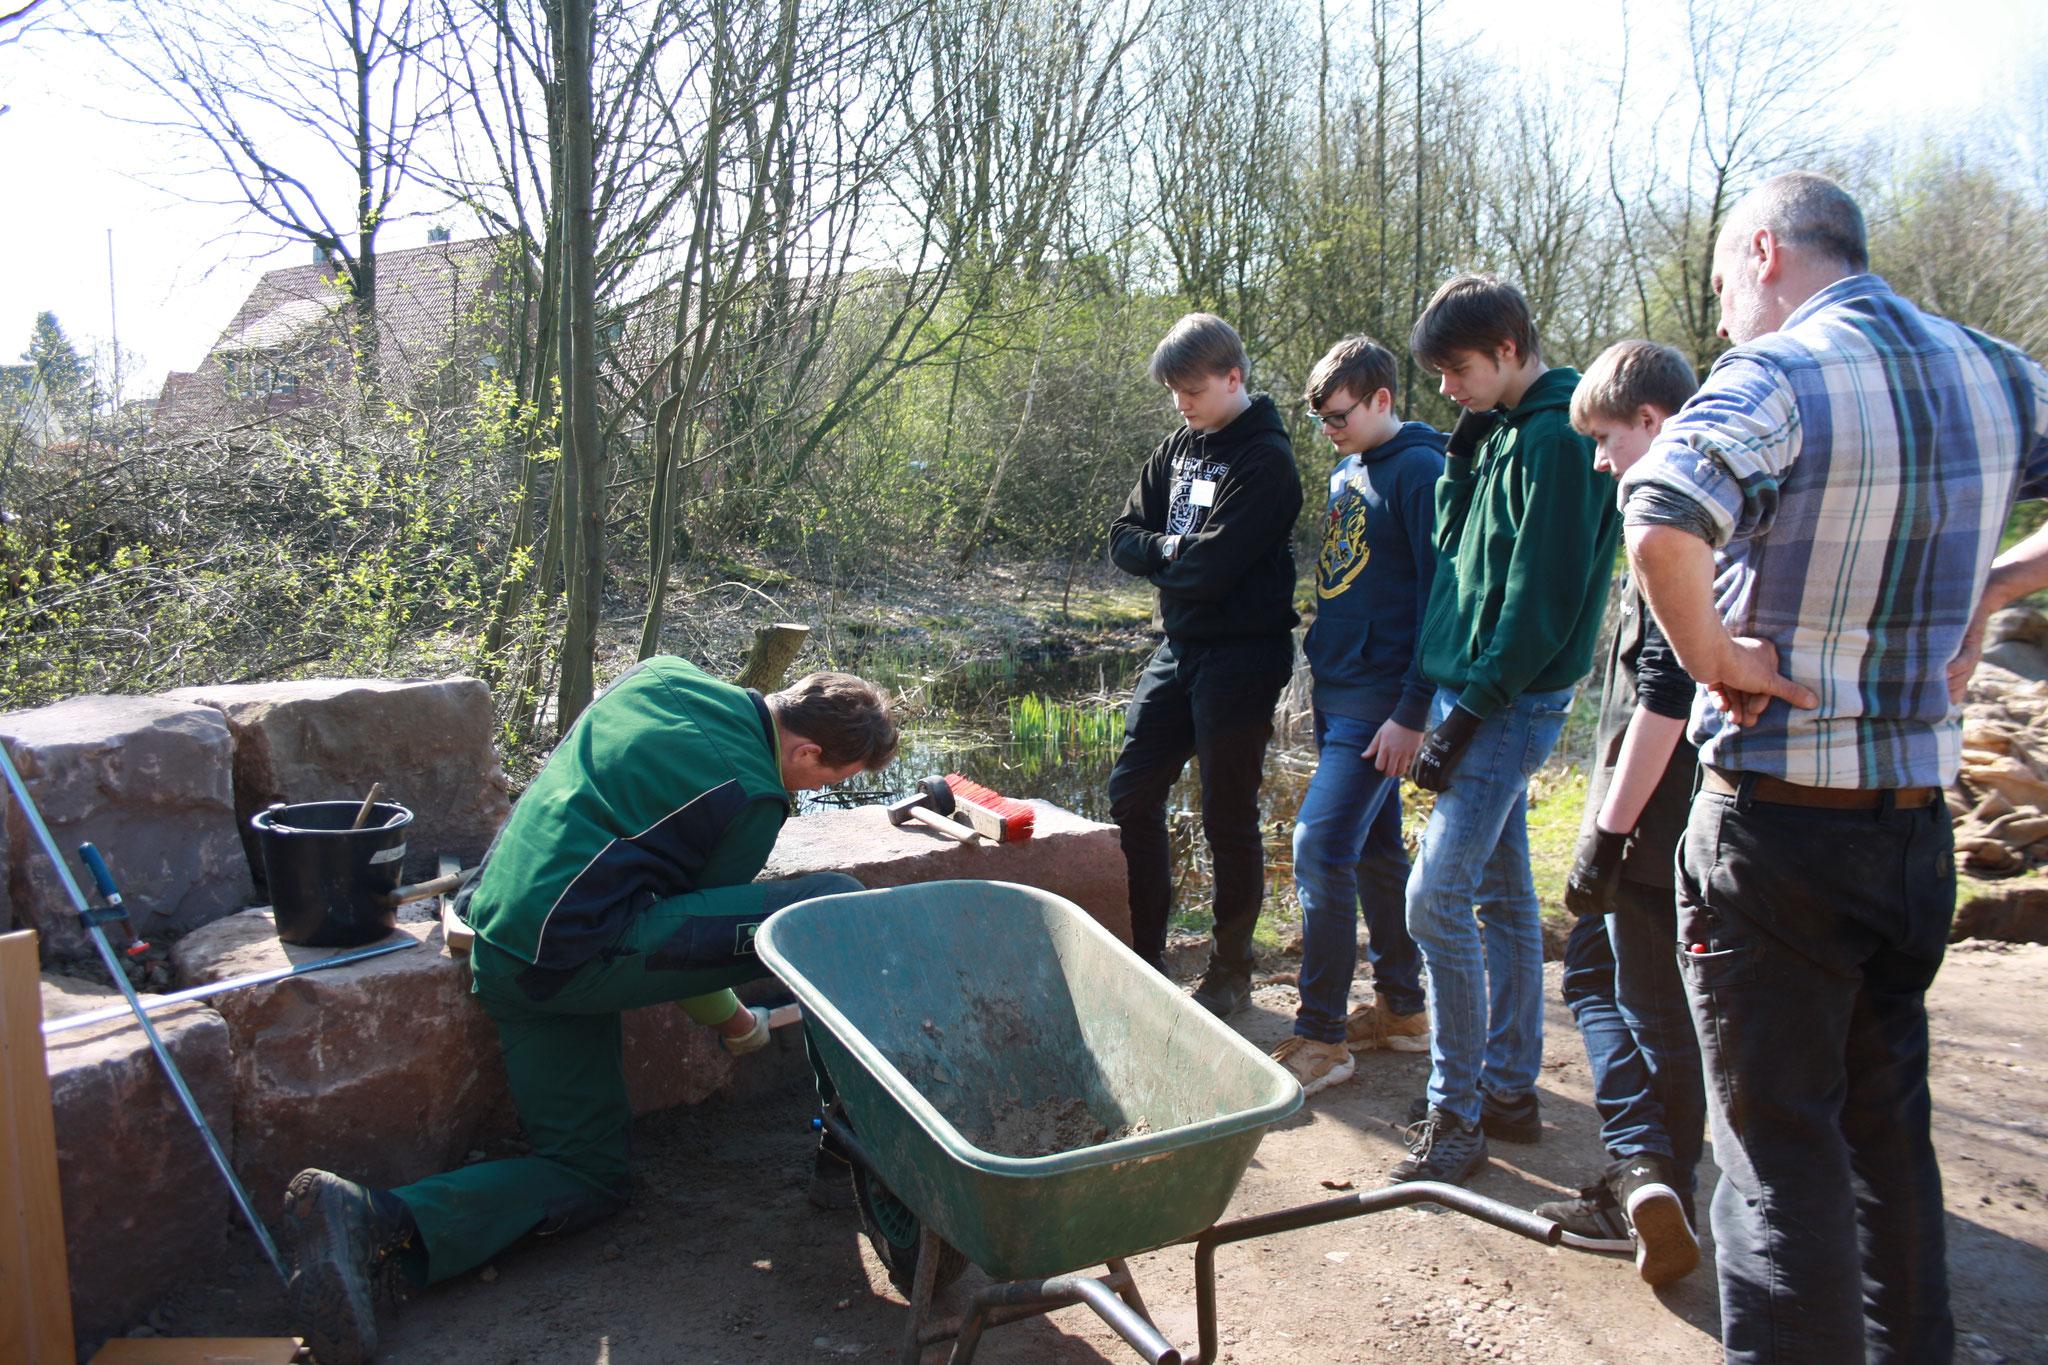 Fachmännische Ratschläge beim Bau des Grünen Klassenzimmers